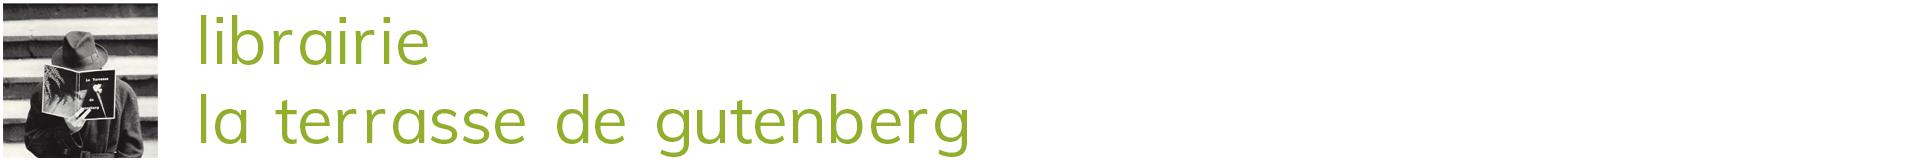 La Terrasse de Gutenberg